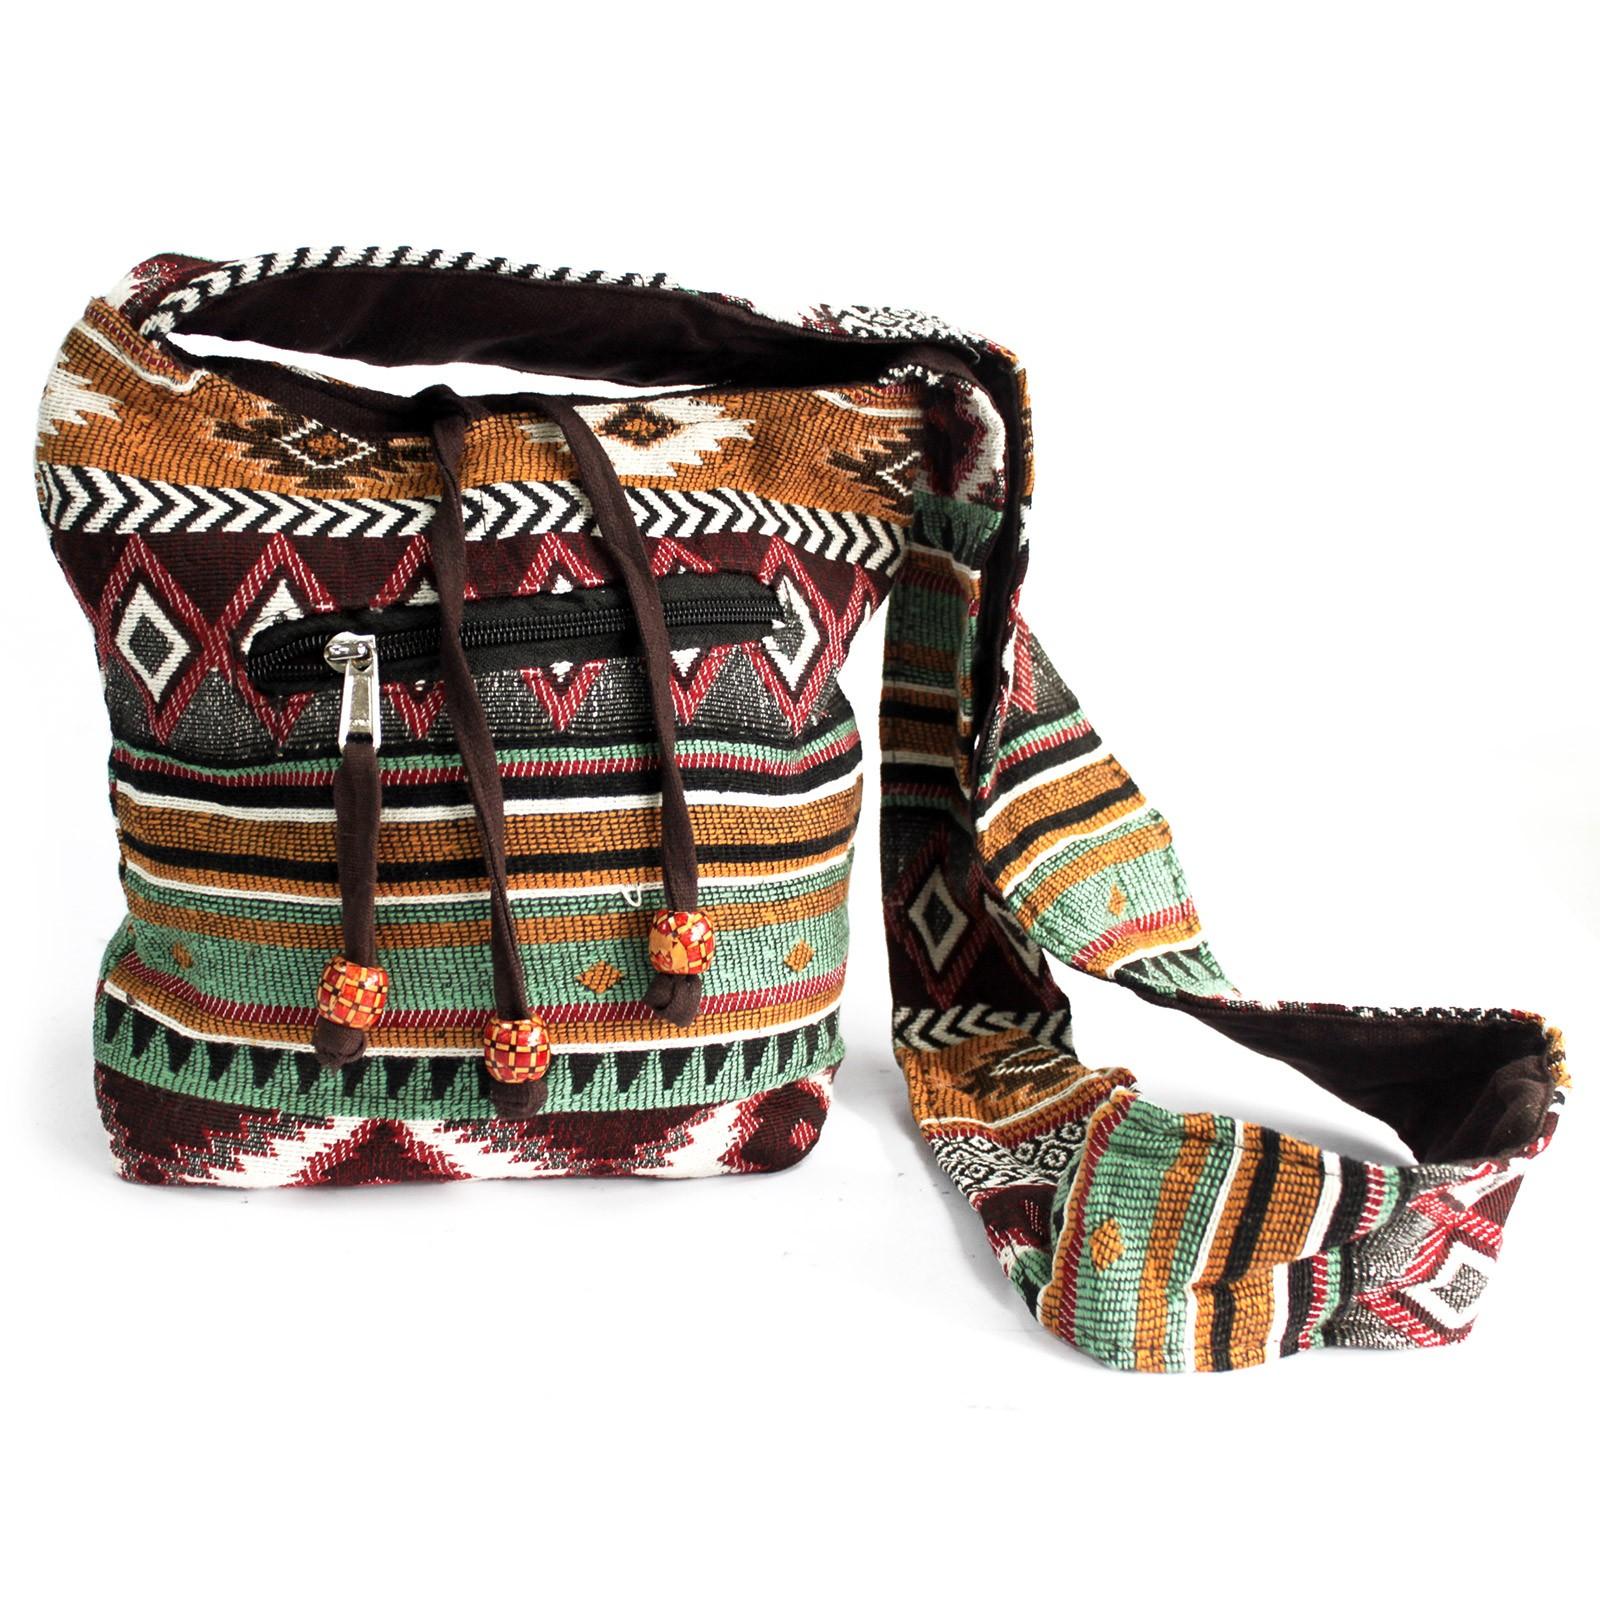 Jacquard Bag Chocolate Sling Bag